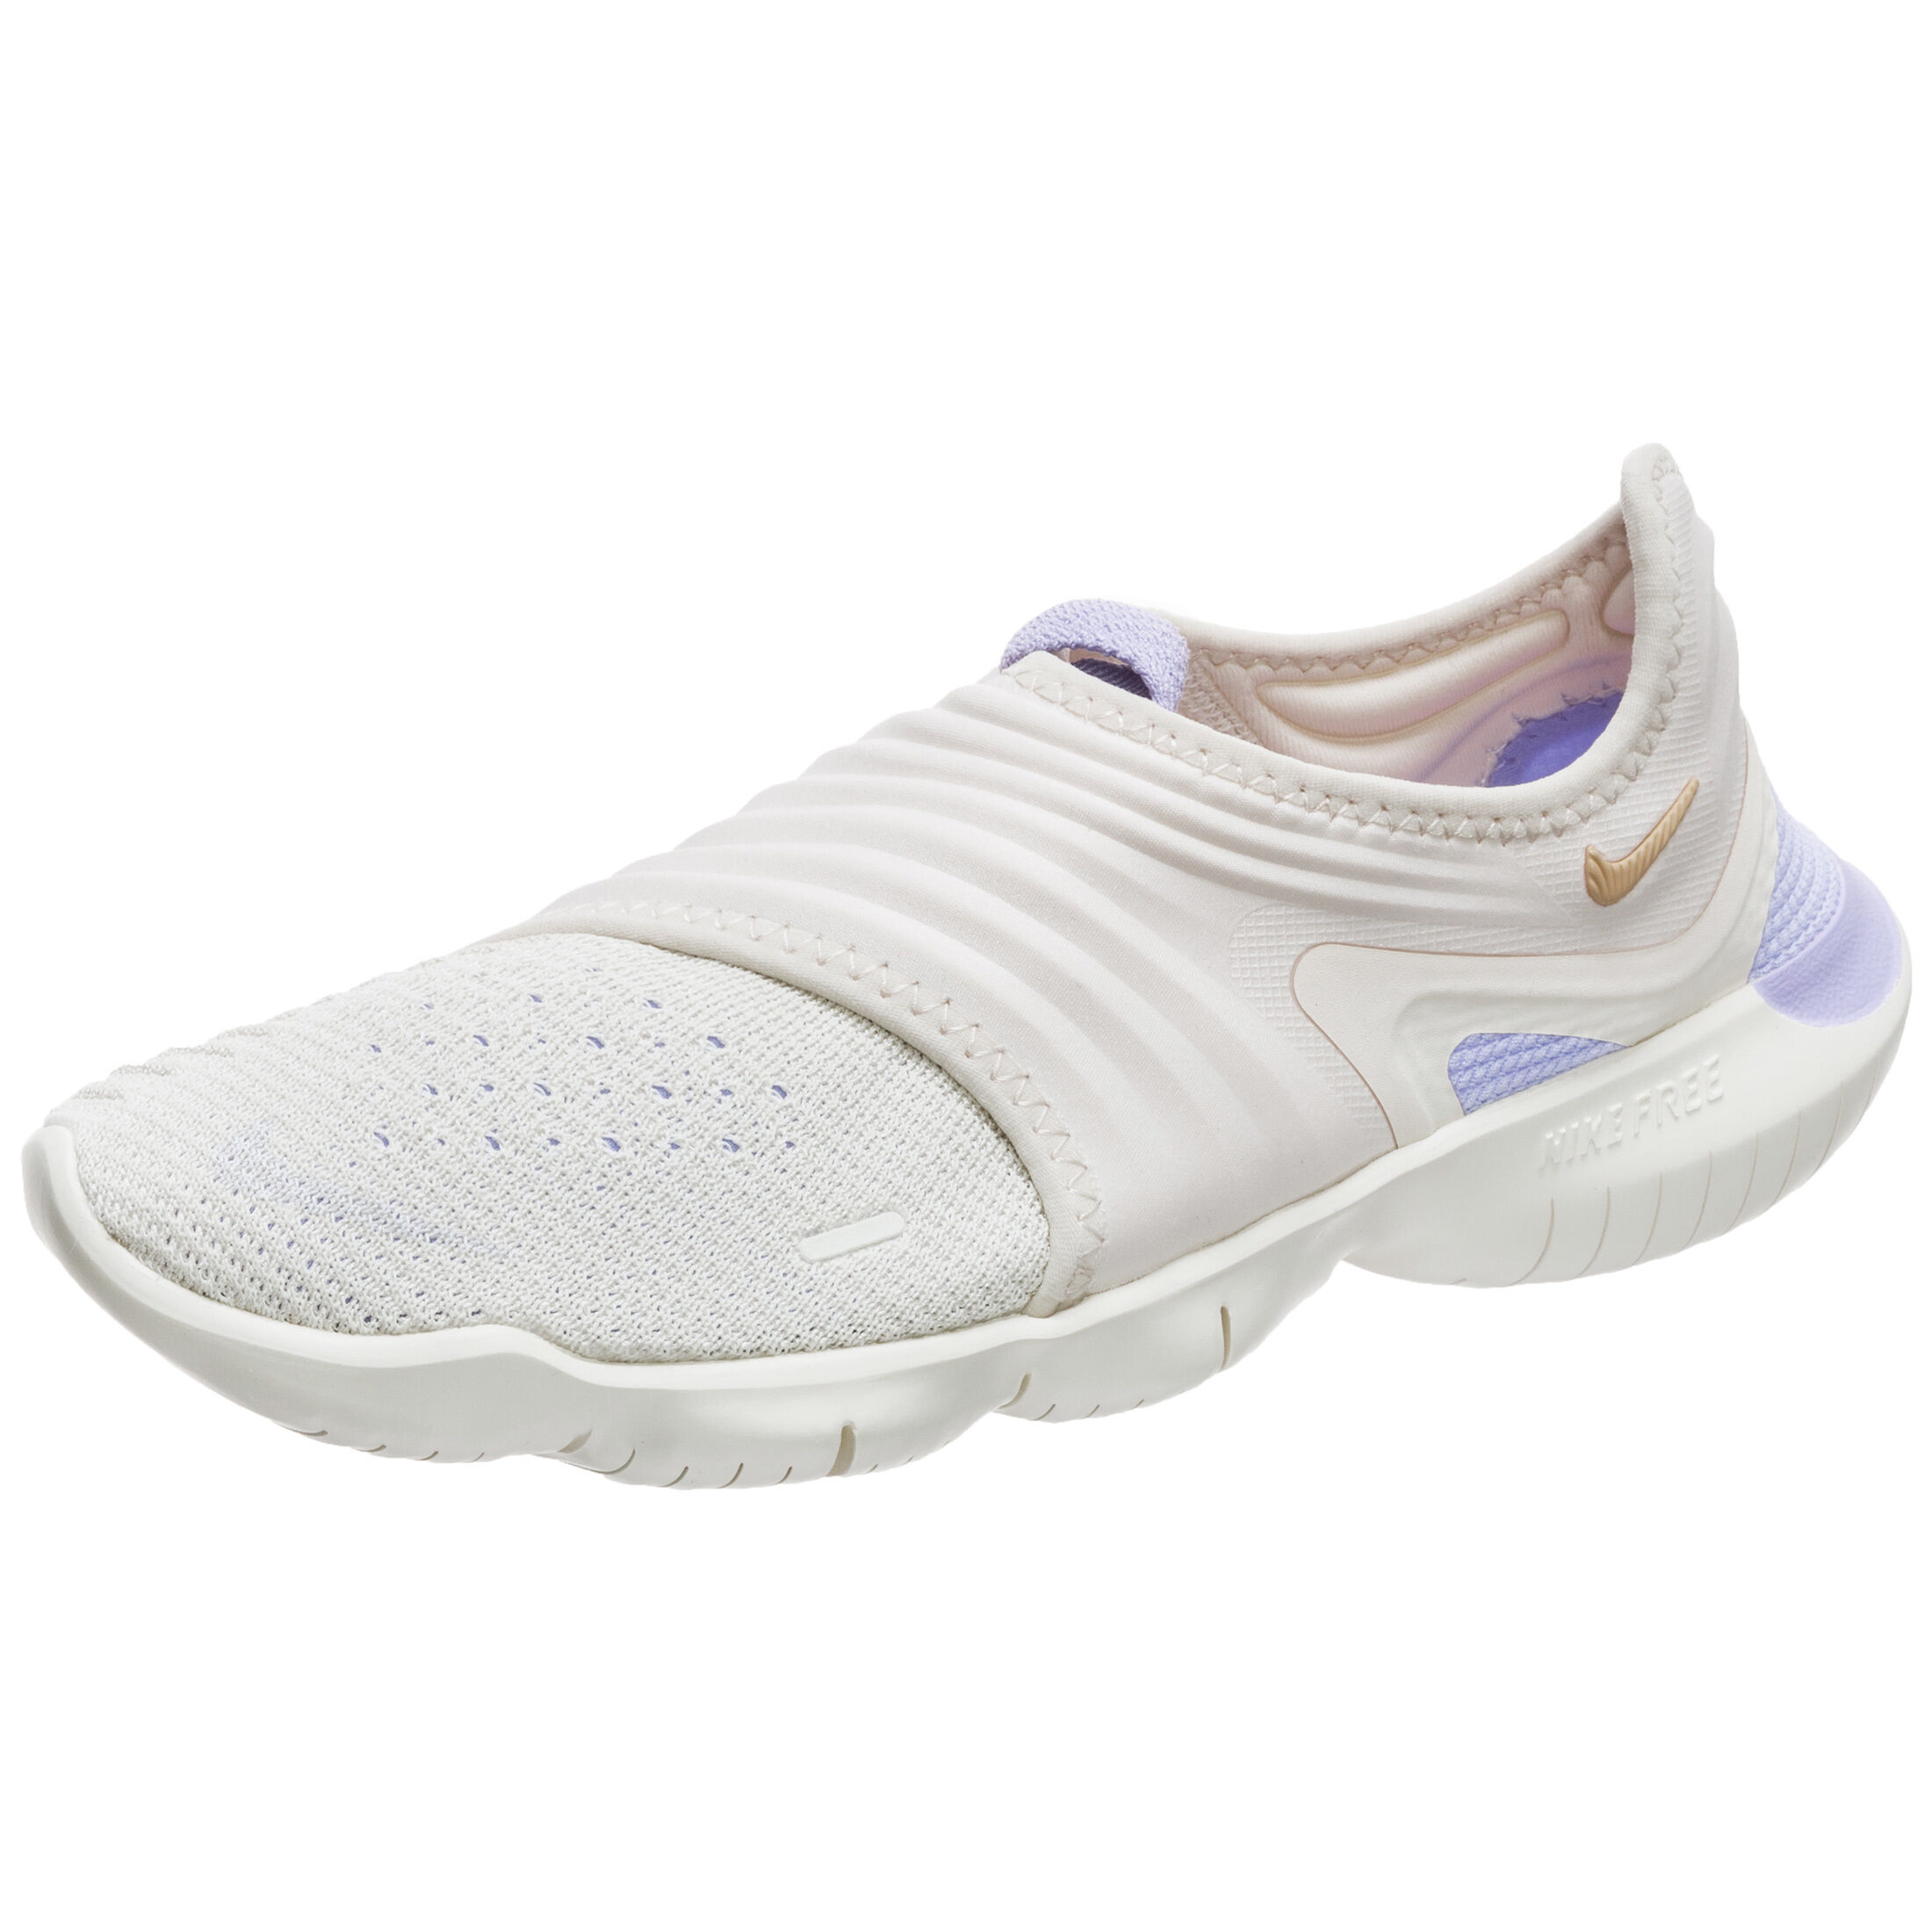 KaufenLaufschuhe Schuhe Bei Outfitter Natural Running FKlJ1c3T